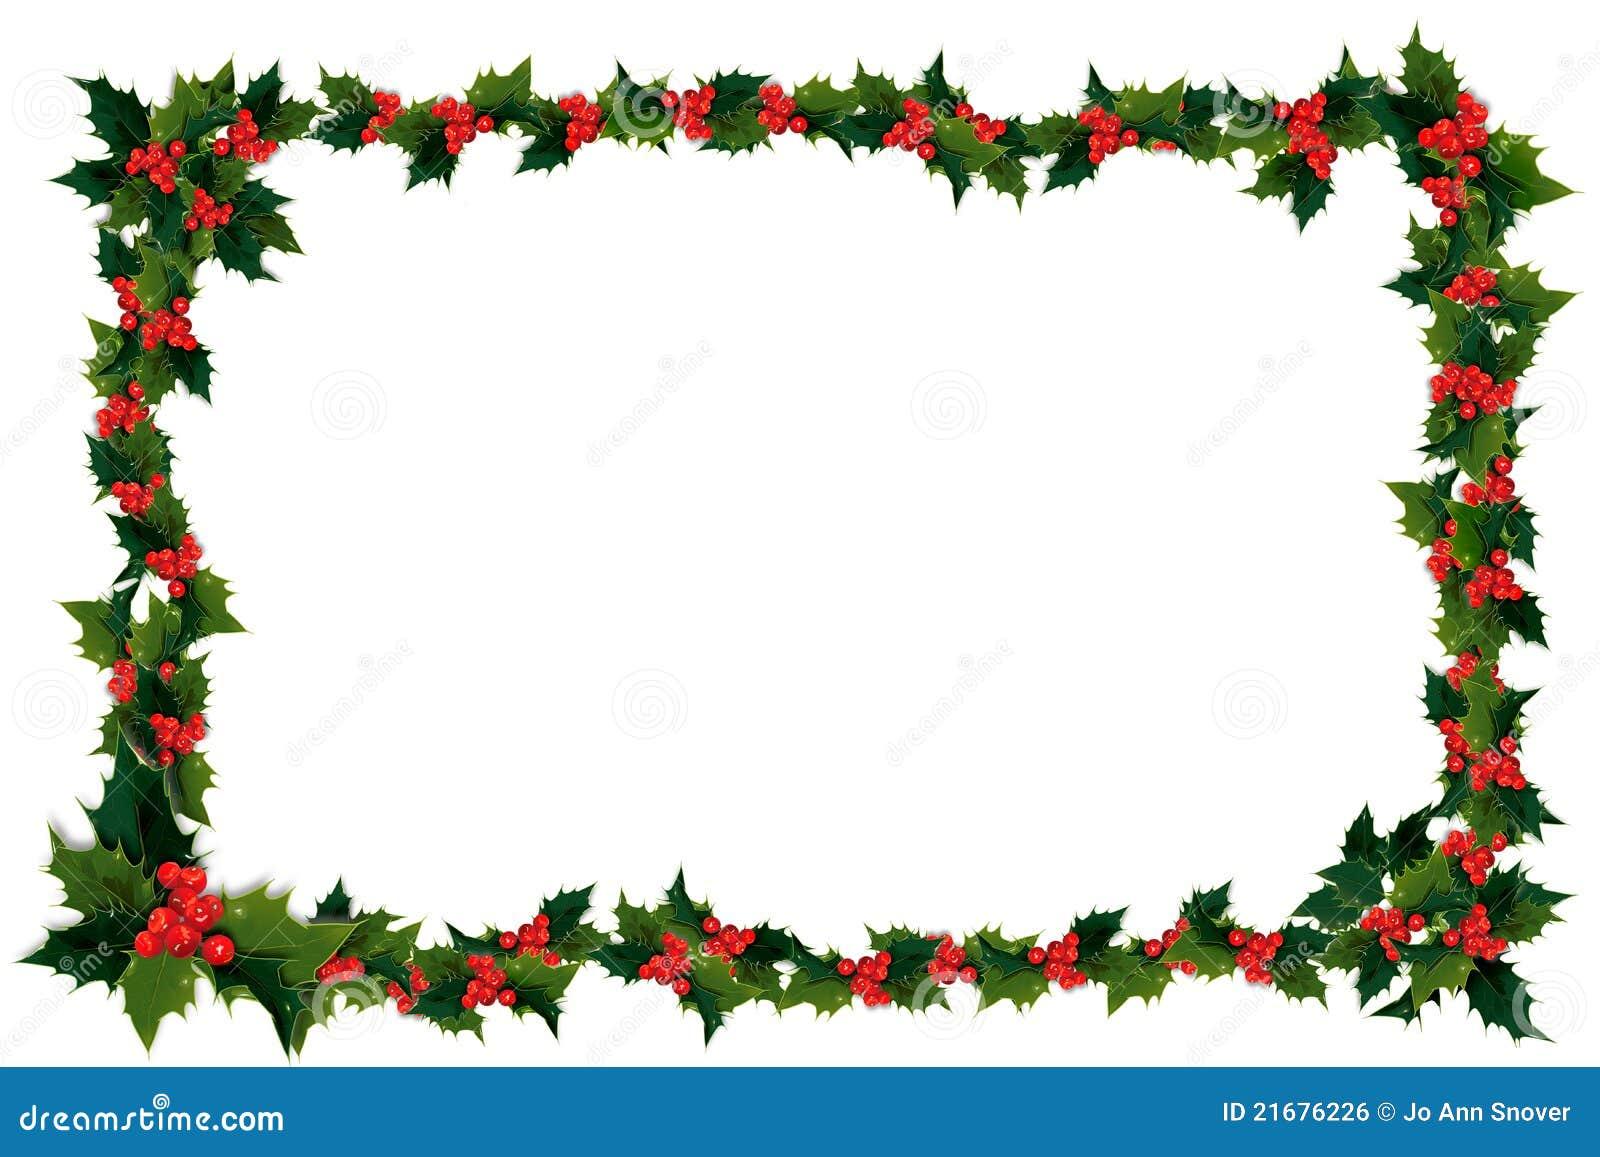 Green Christmas Ribbon Border